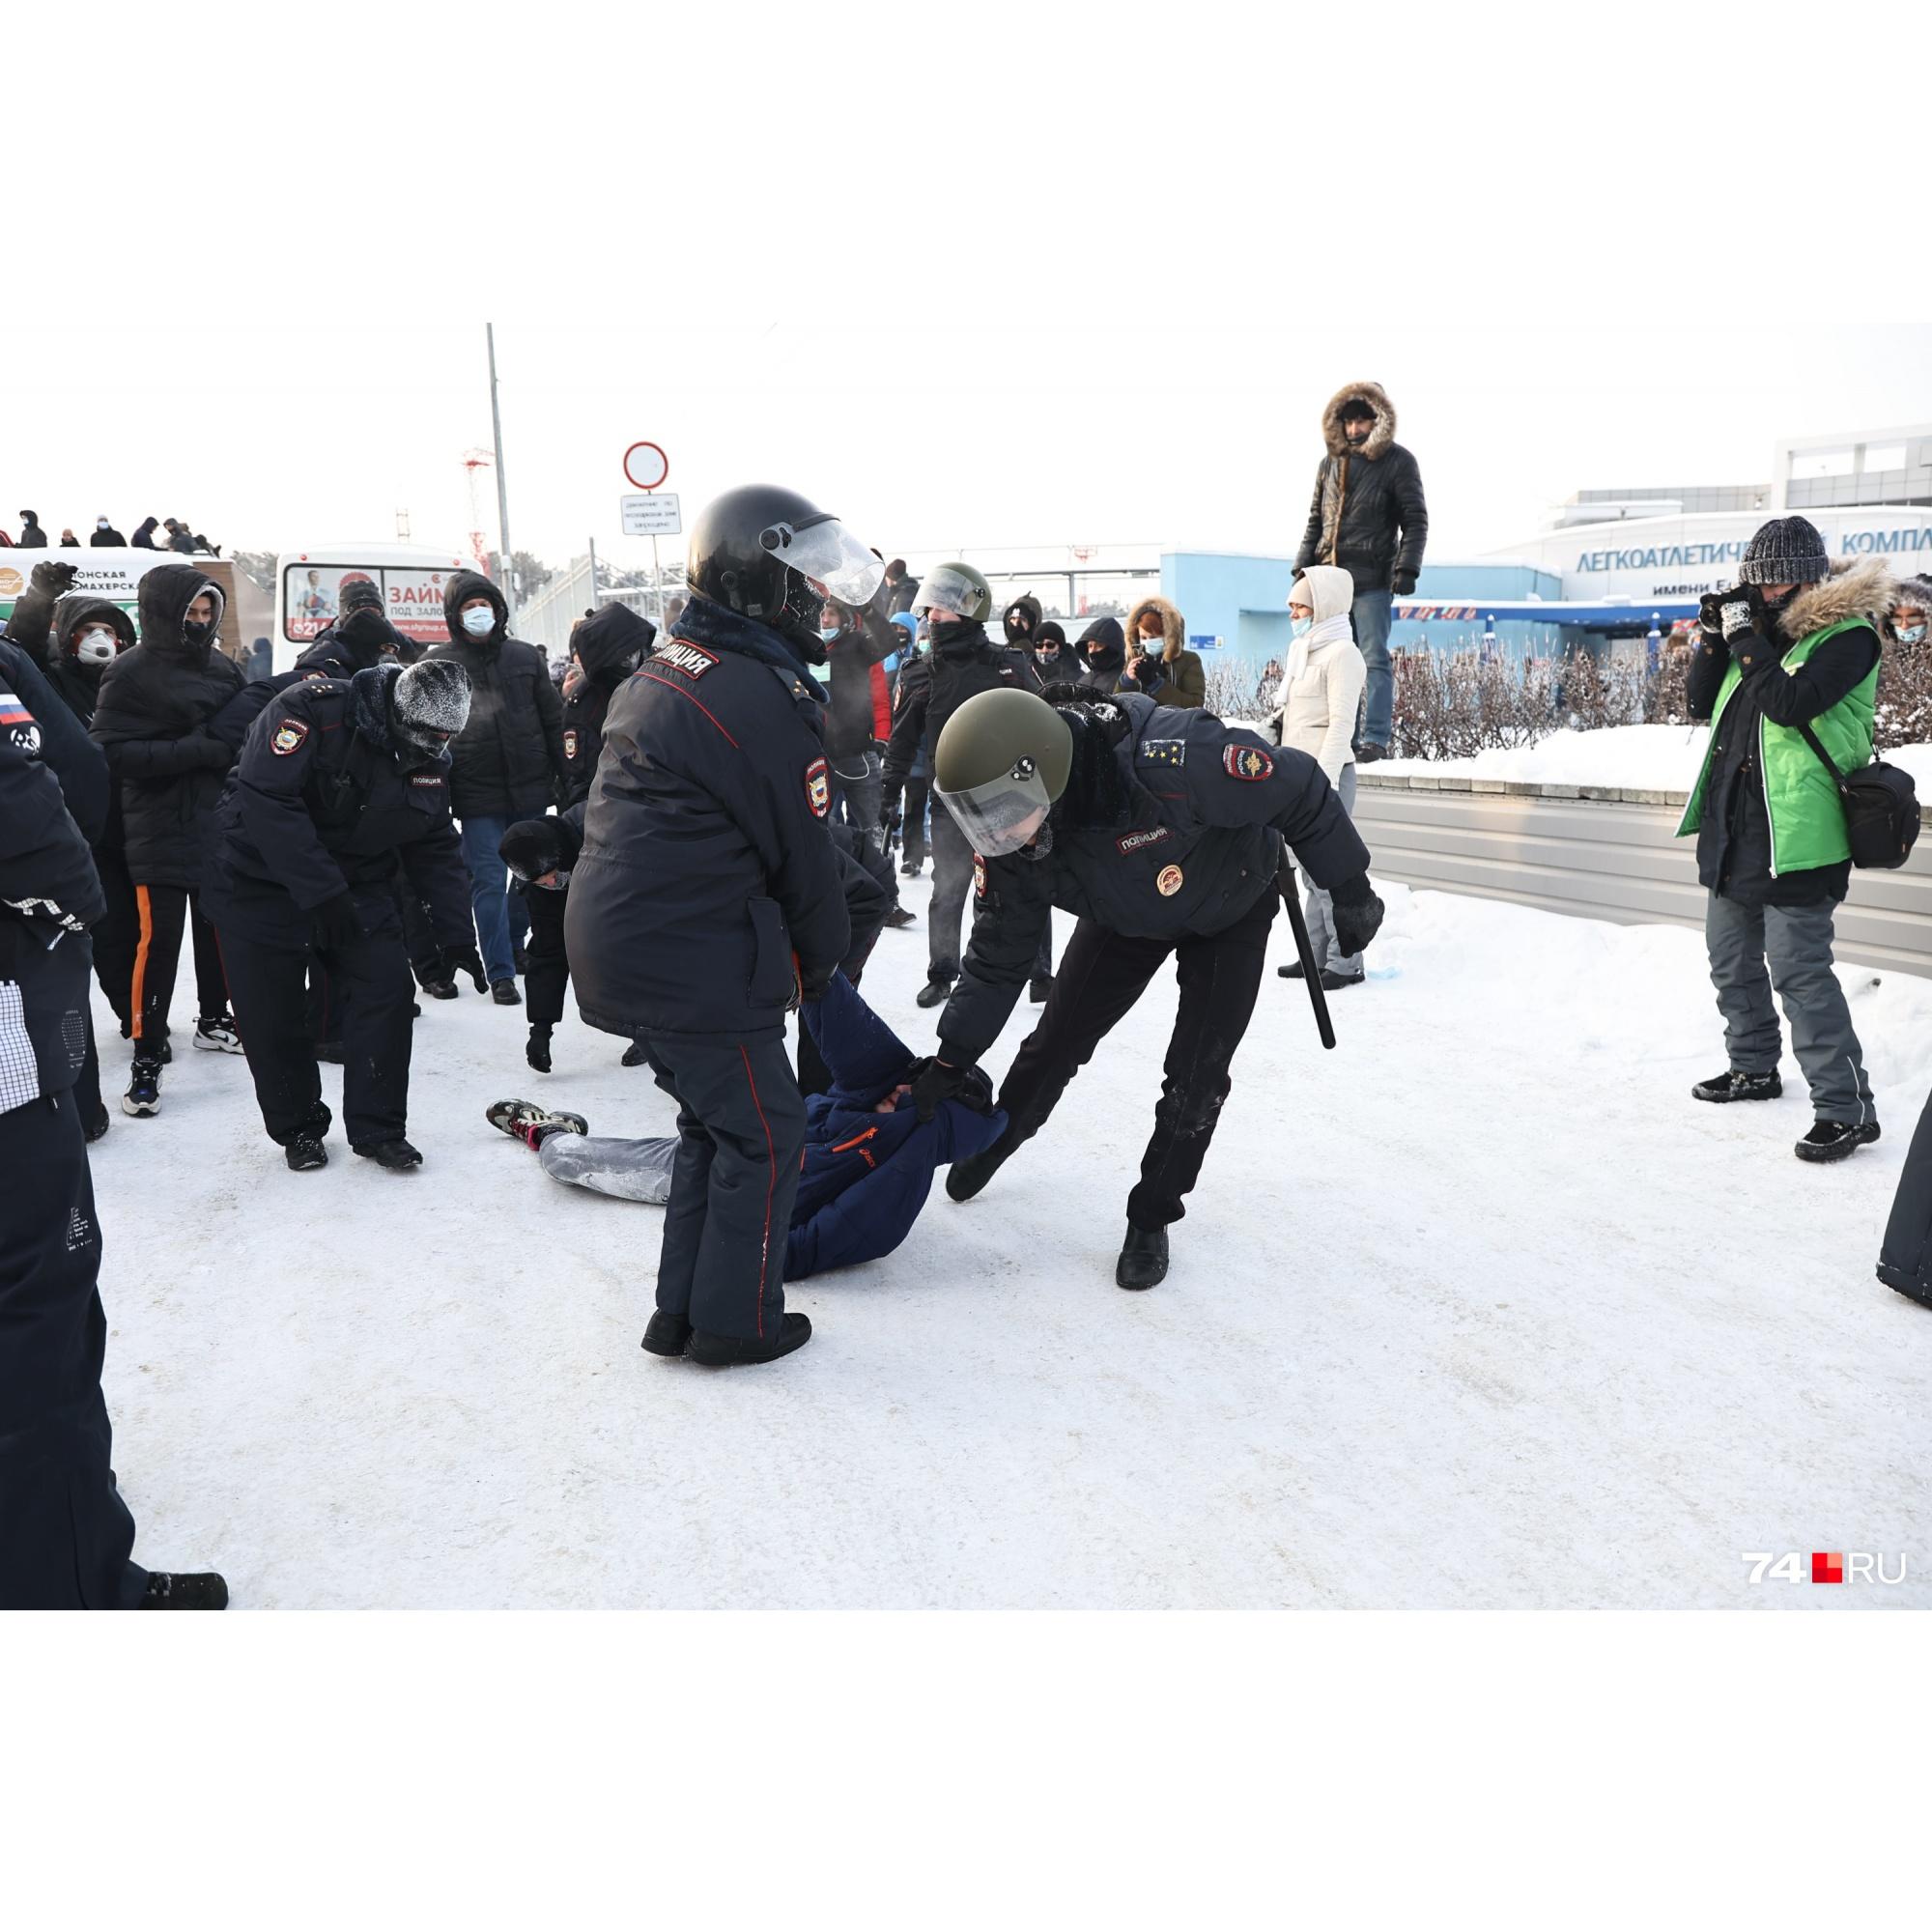 Лежа на снегу в окружении силовиков, один из задержанных умолял: «Отпустите, ну, пожалуйста, ребят». Но и его отправили в автозак